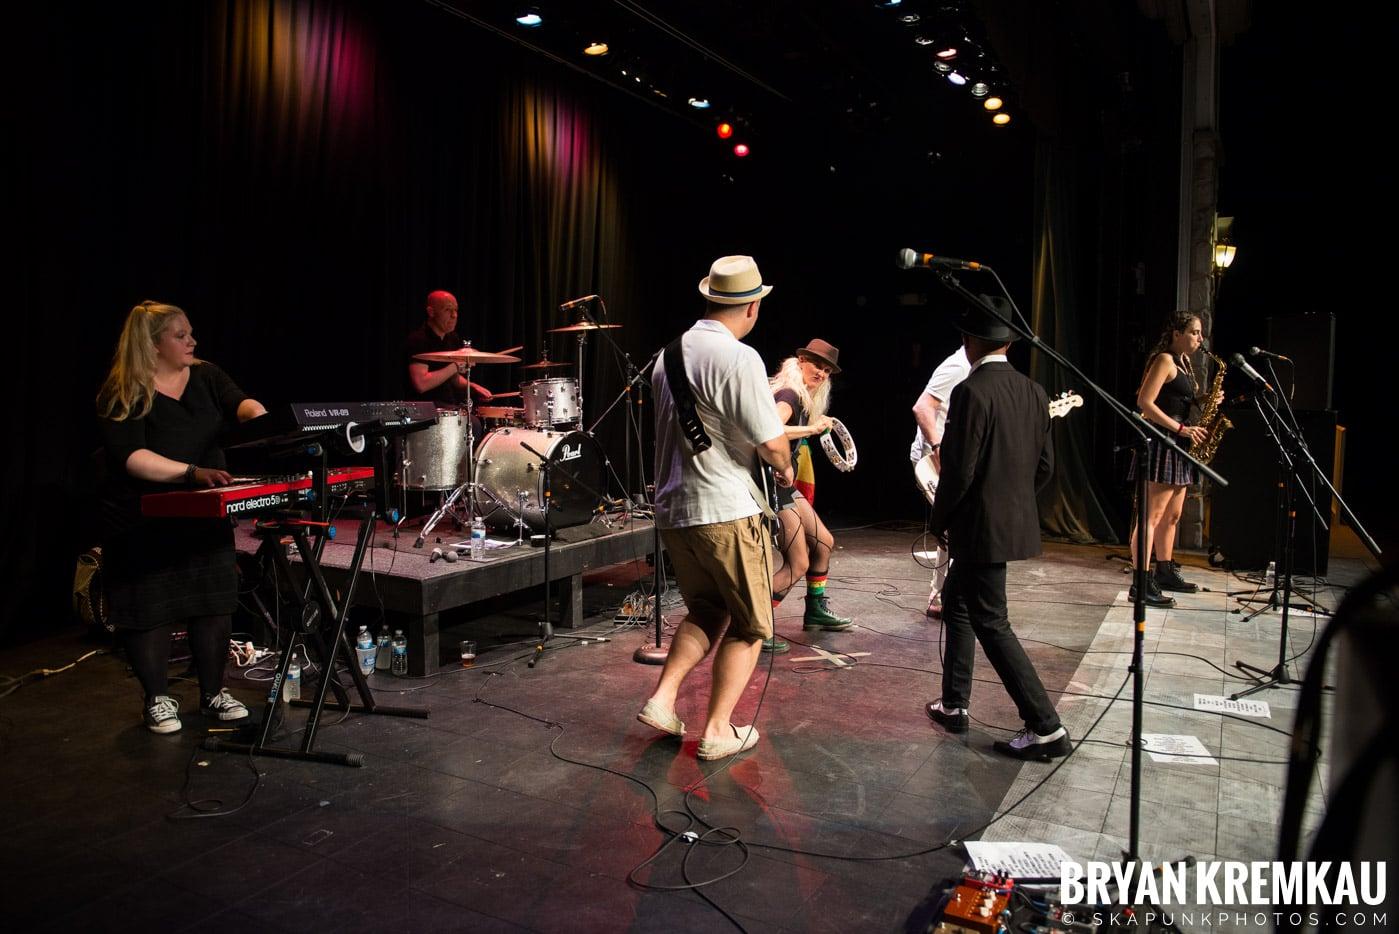 Rude Boy George @ Oskar Schindler Performing Arts Center, West Orange, NJ - 8.19.17 (17)